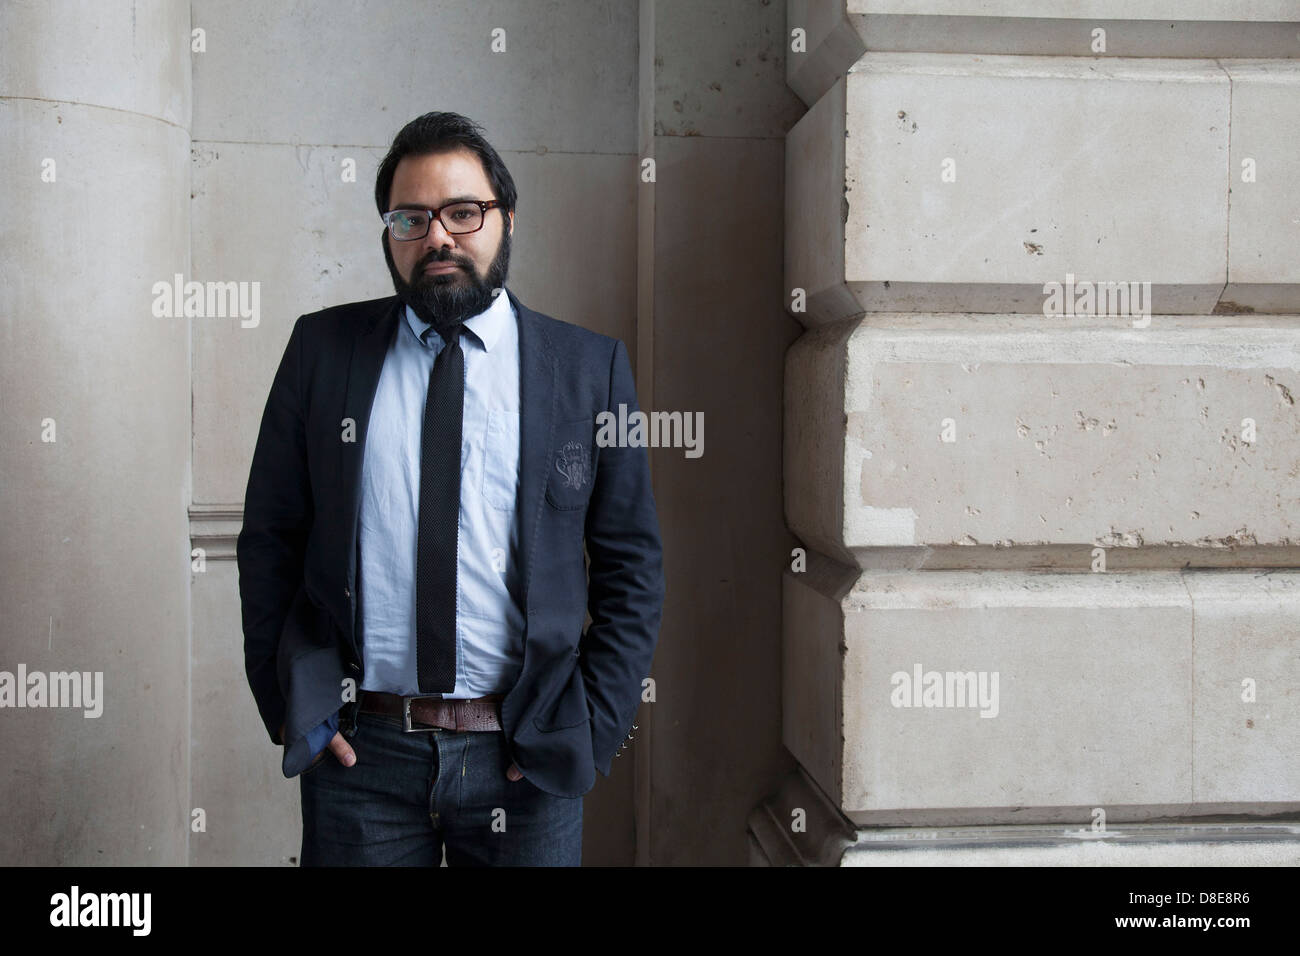 Shiraz Maher - Concordia